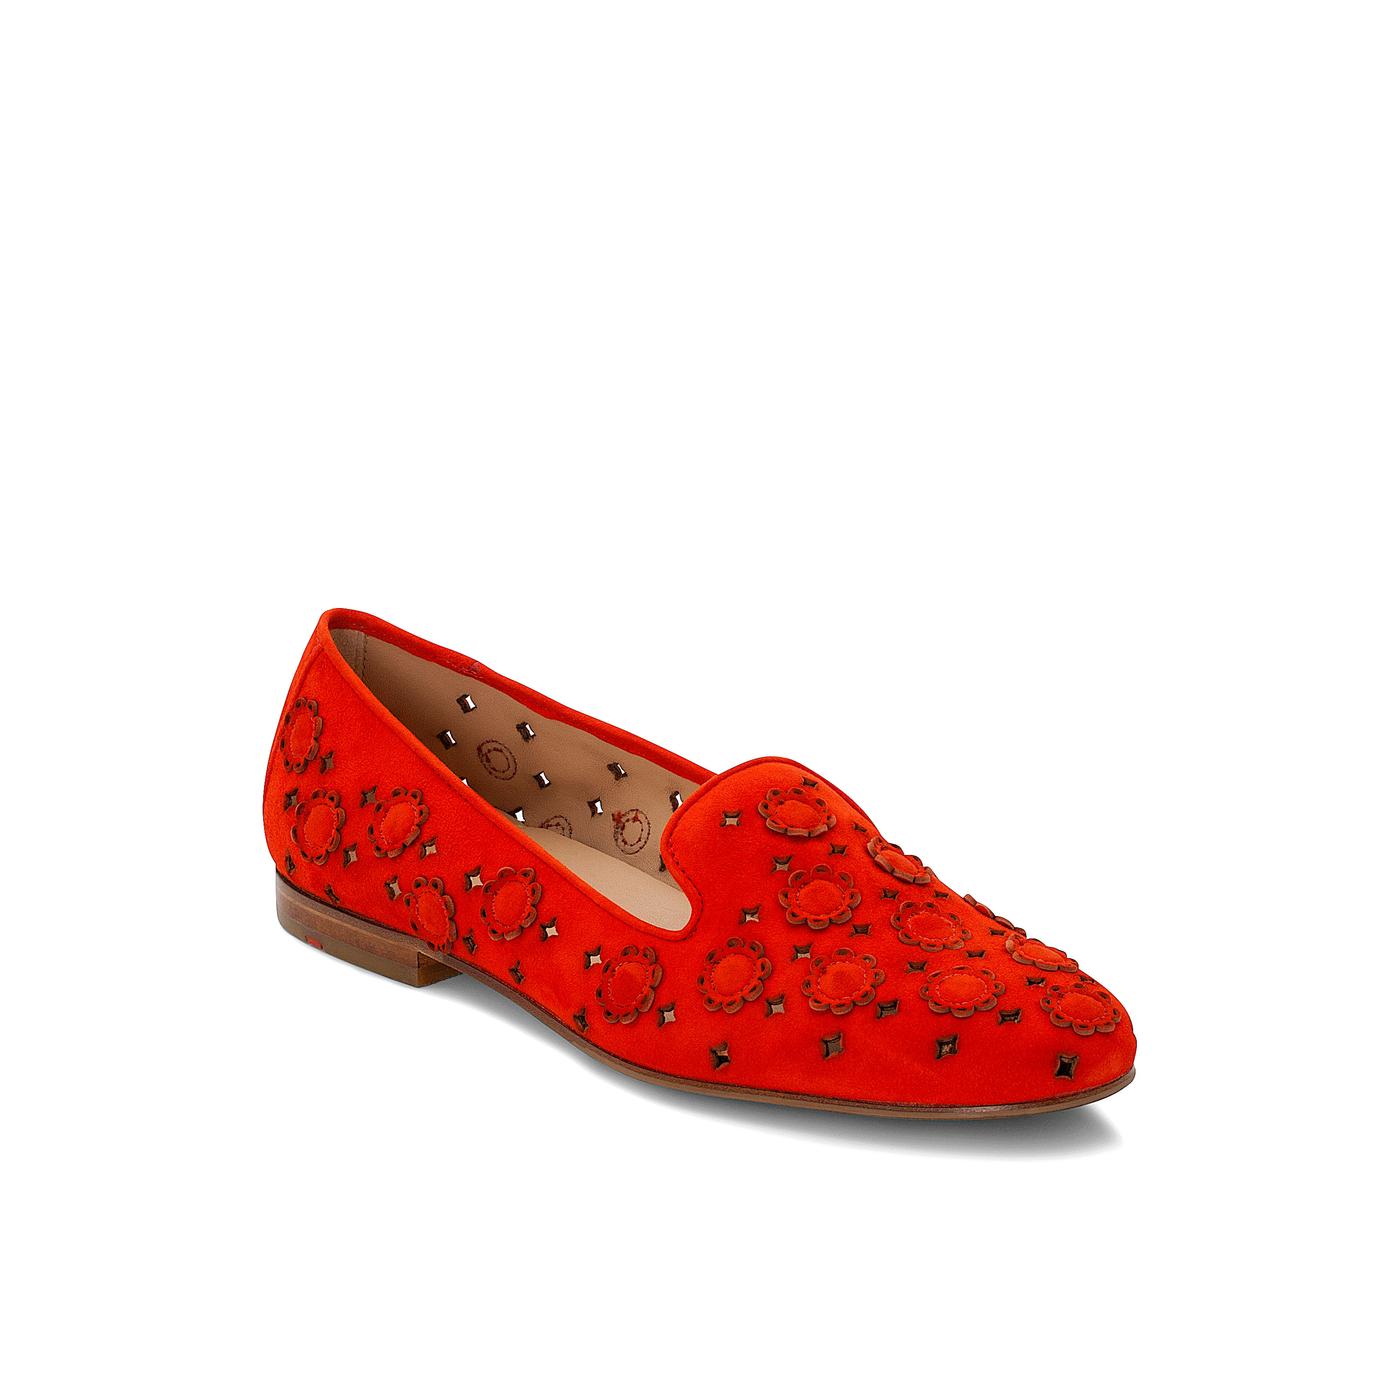 SLIPPER   Schuhe > Slipper   Rot   Rauleder -  leder   LLOYD